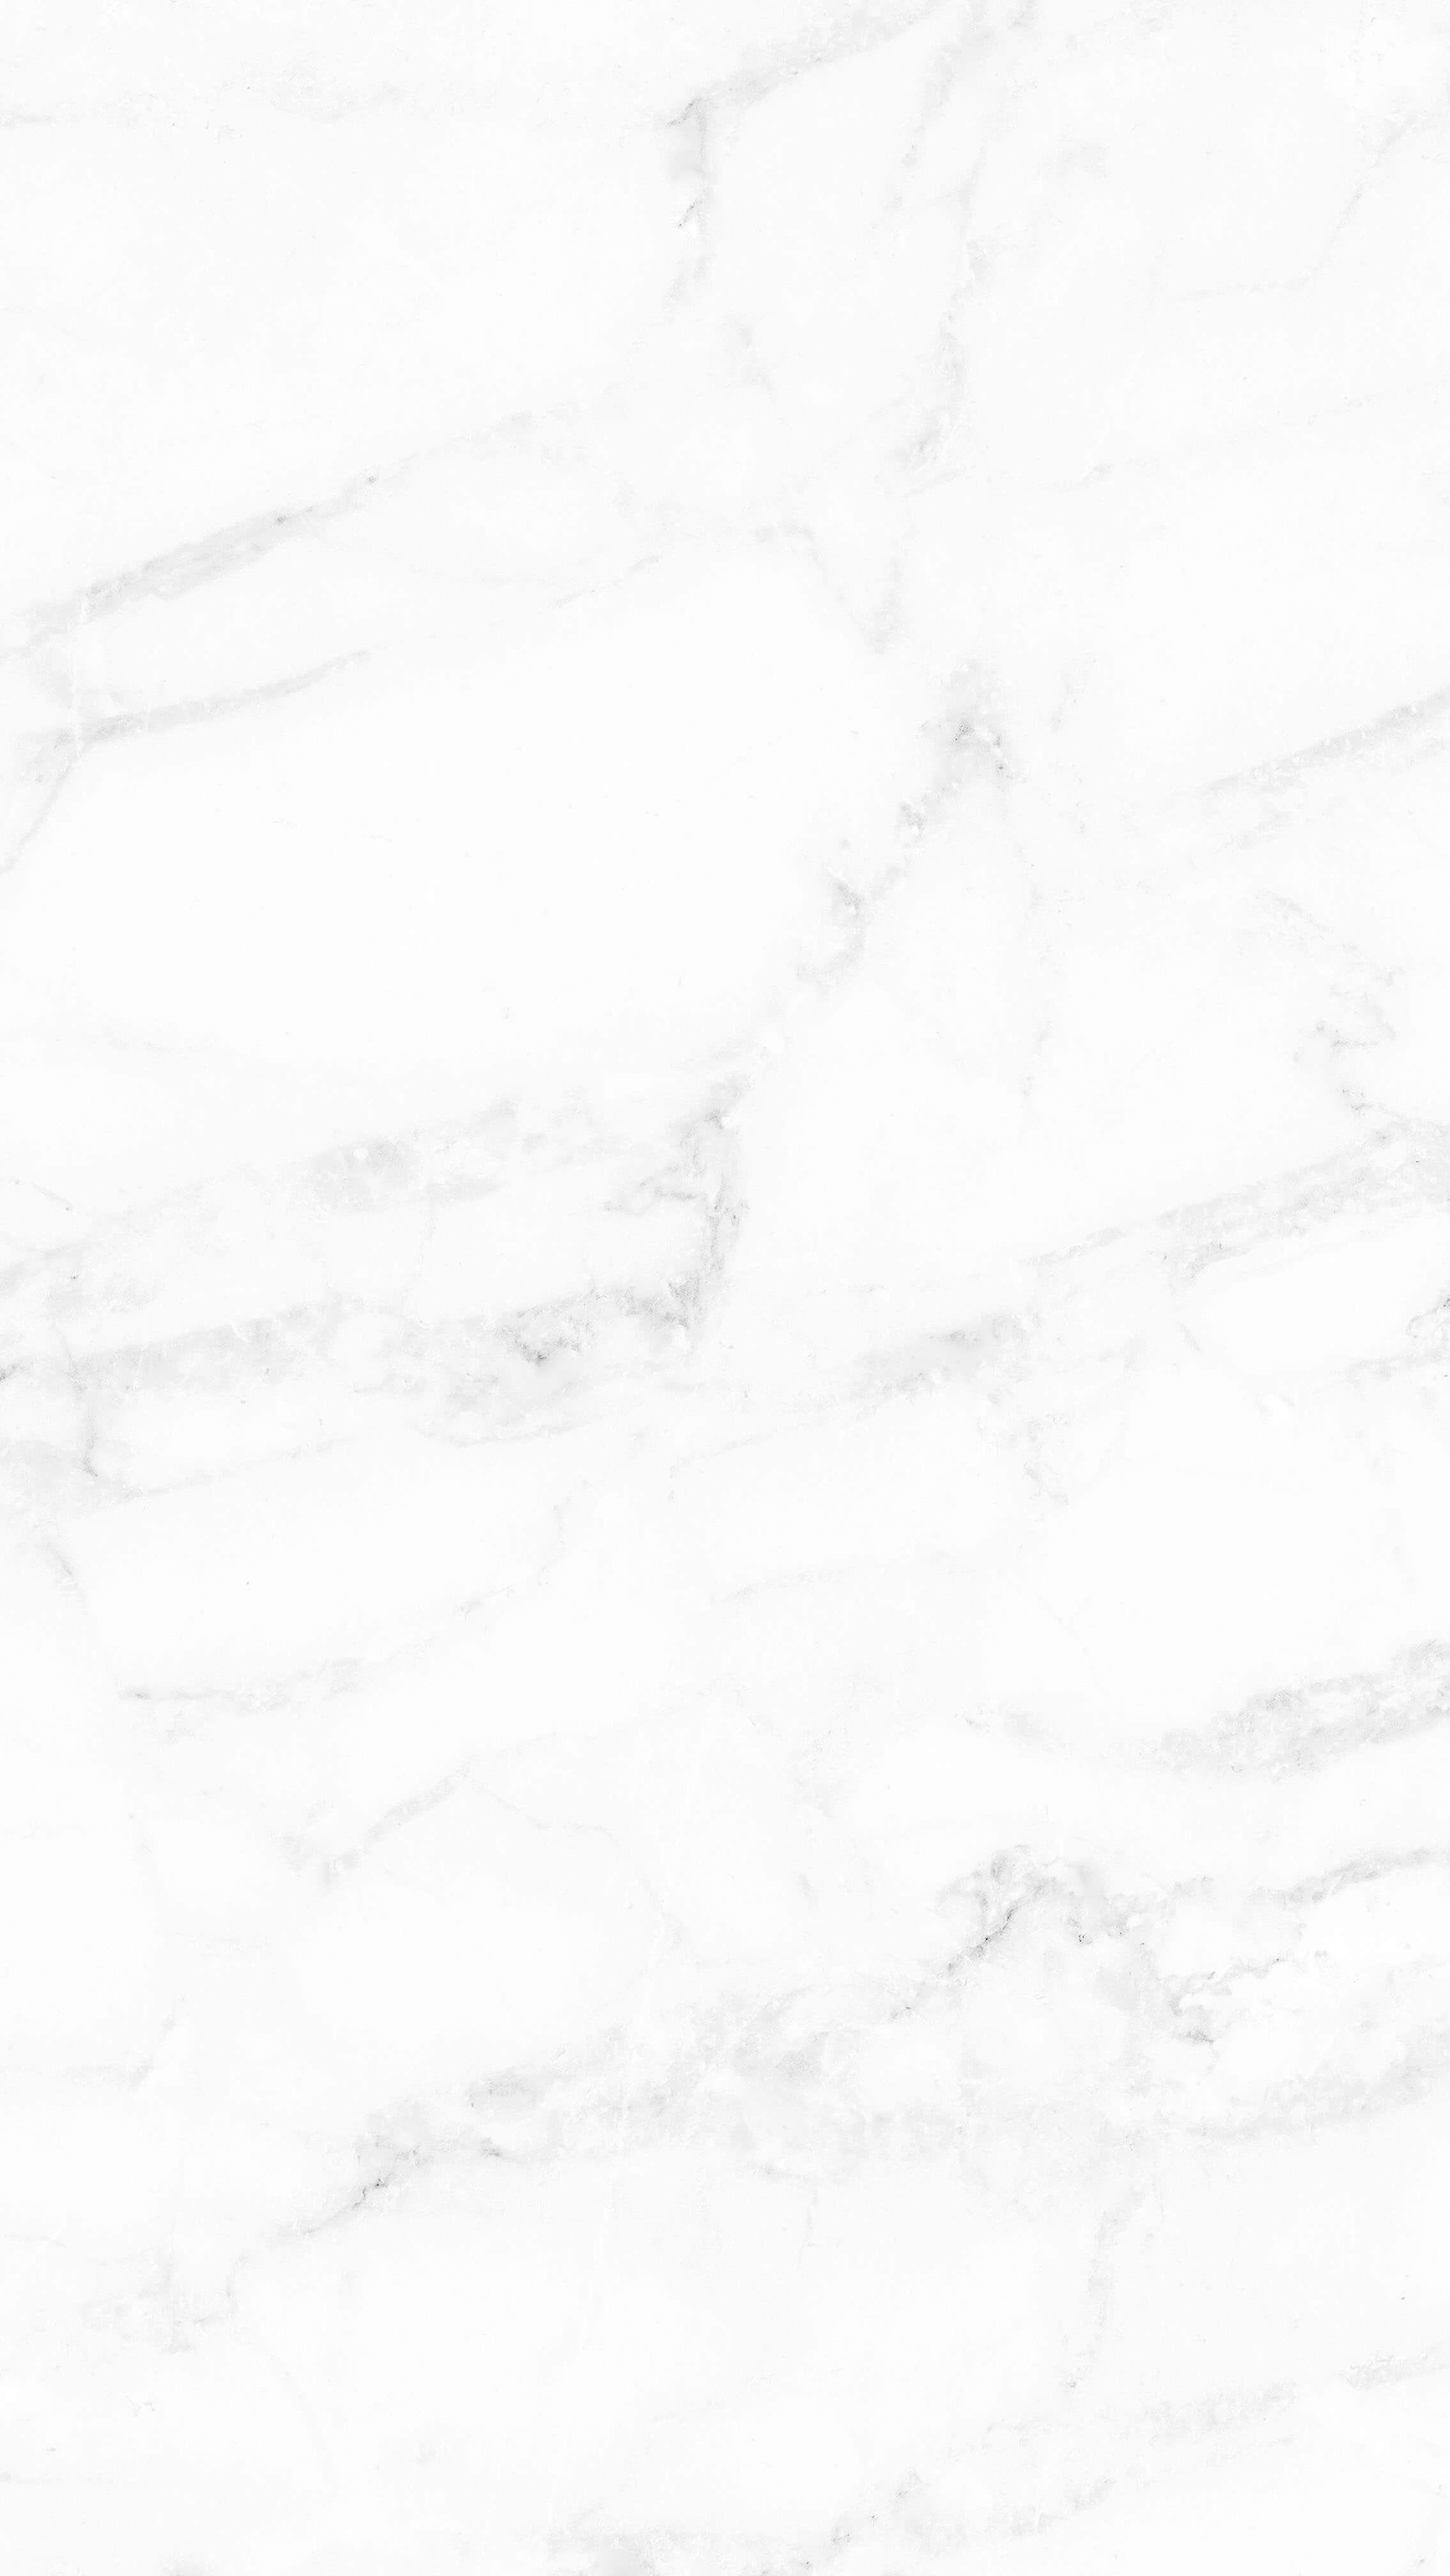 TAPETE weißer Marmor weißer Marmor Hintergrund.   White marble ...